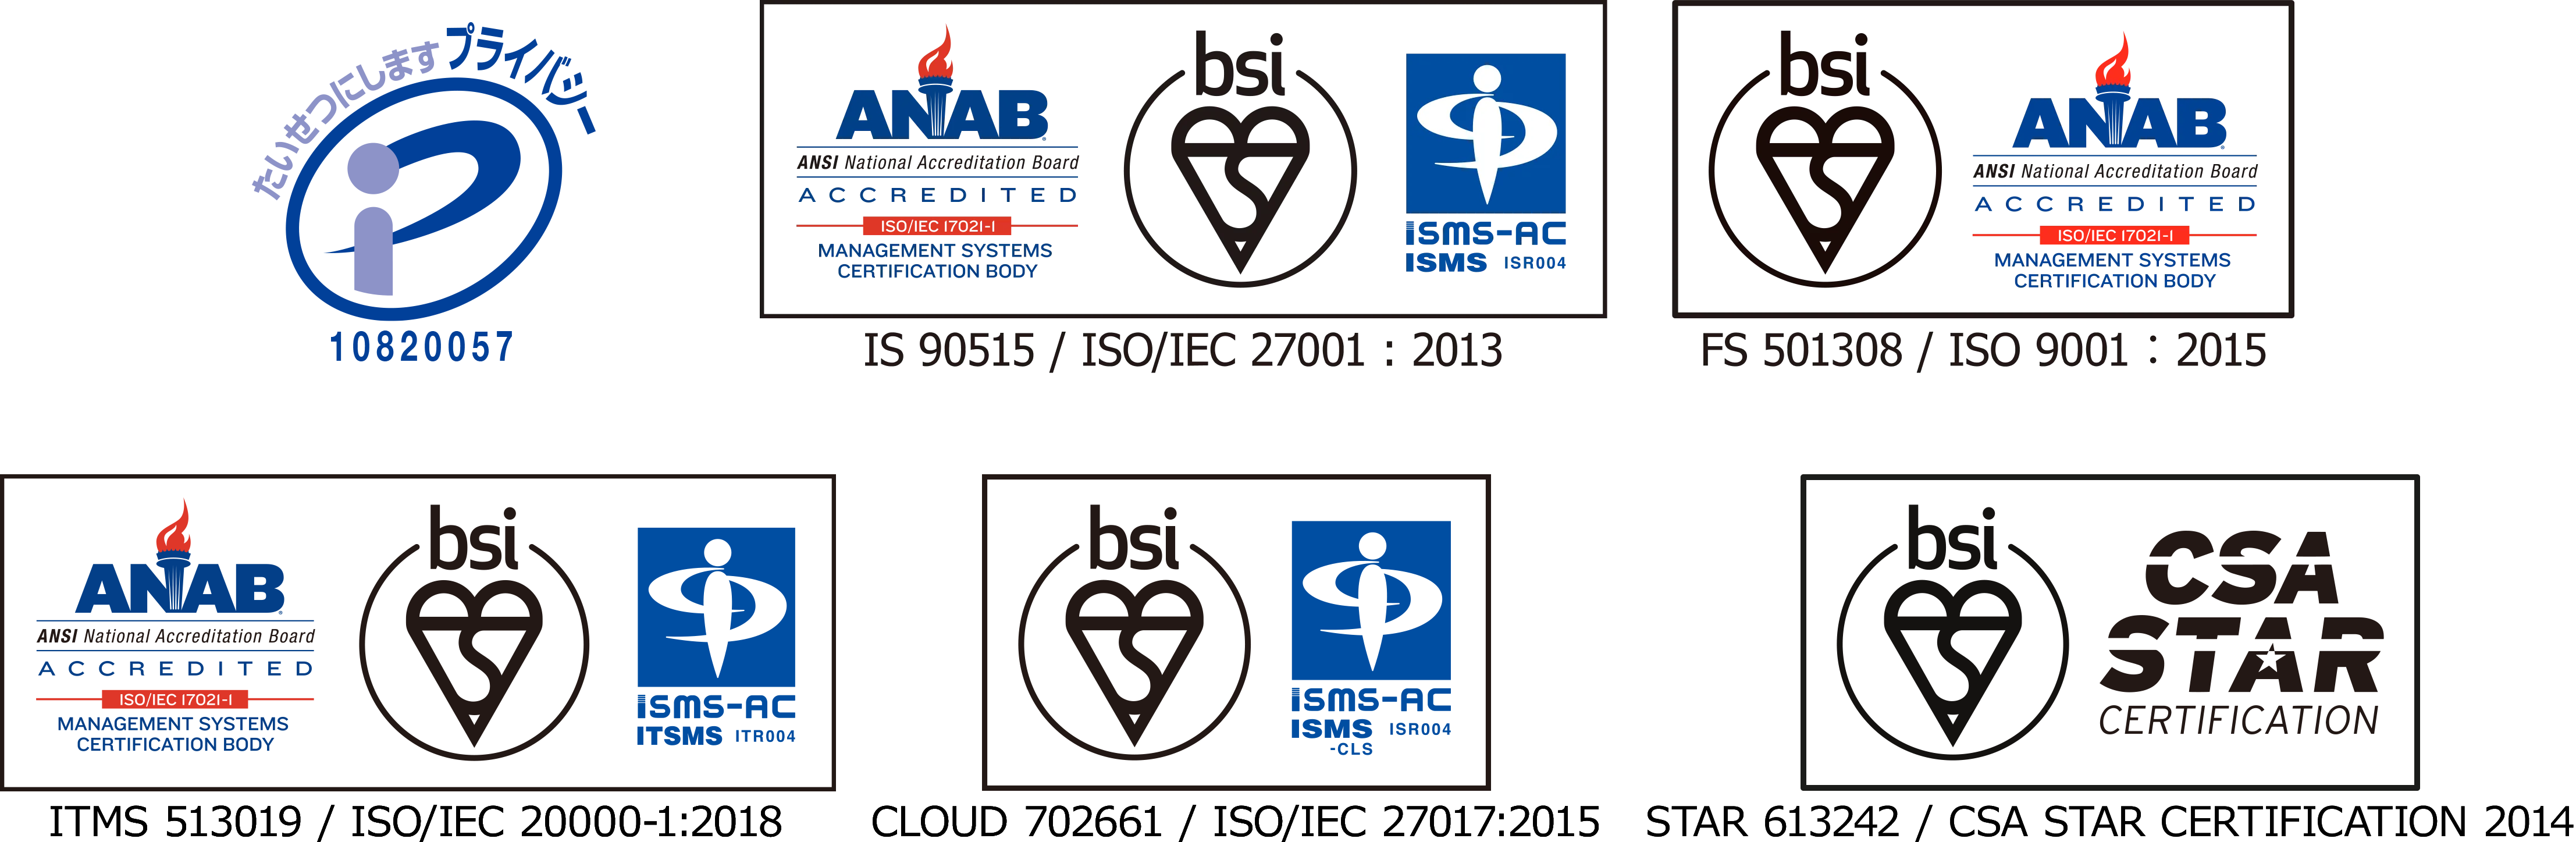 個人情報保護マネジメントシステムプライバシーマーク〔10820057(10)〕・情報セキュリティマネジメントシステム ISO/IEC 27001:2013/JIS Q 27001:2014 ・品質マネジメントシステム | SPIRAL® ver.2